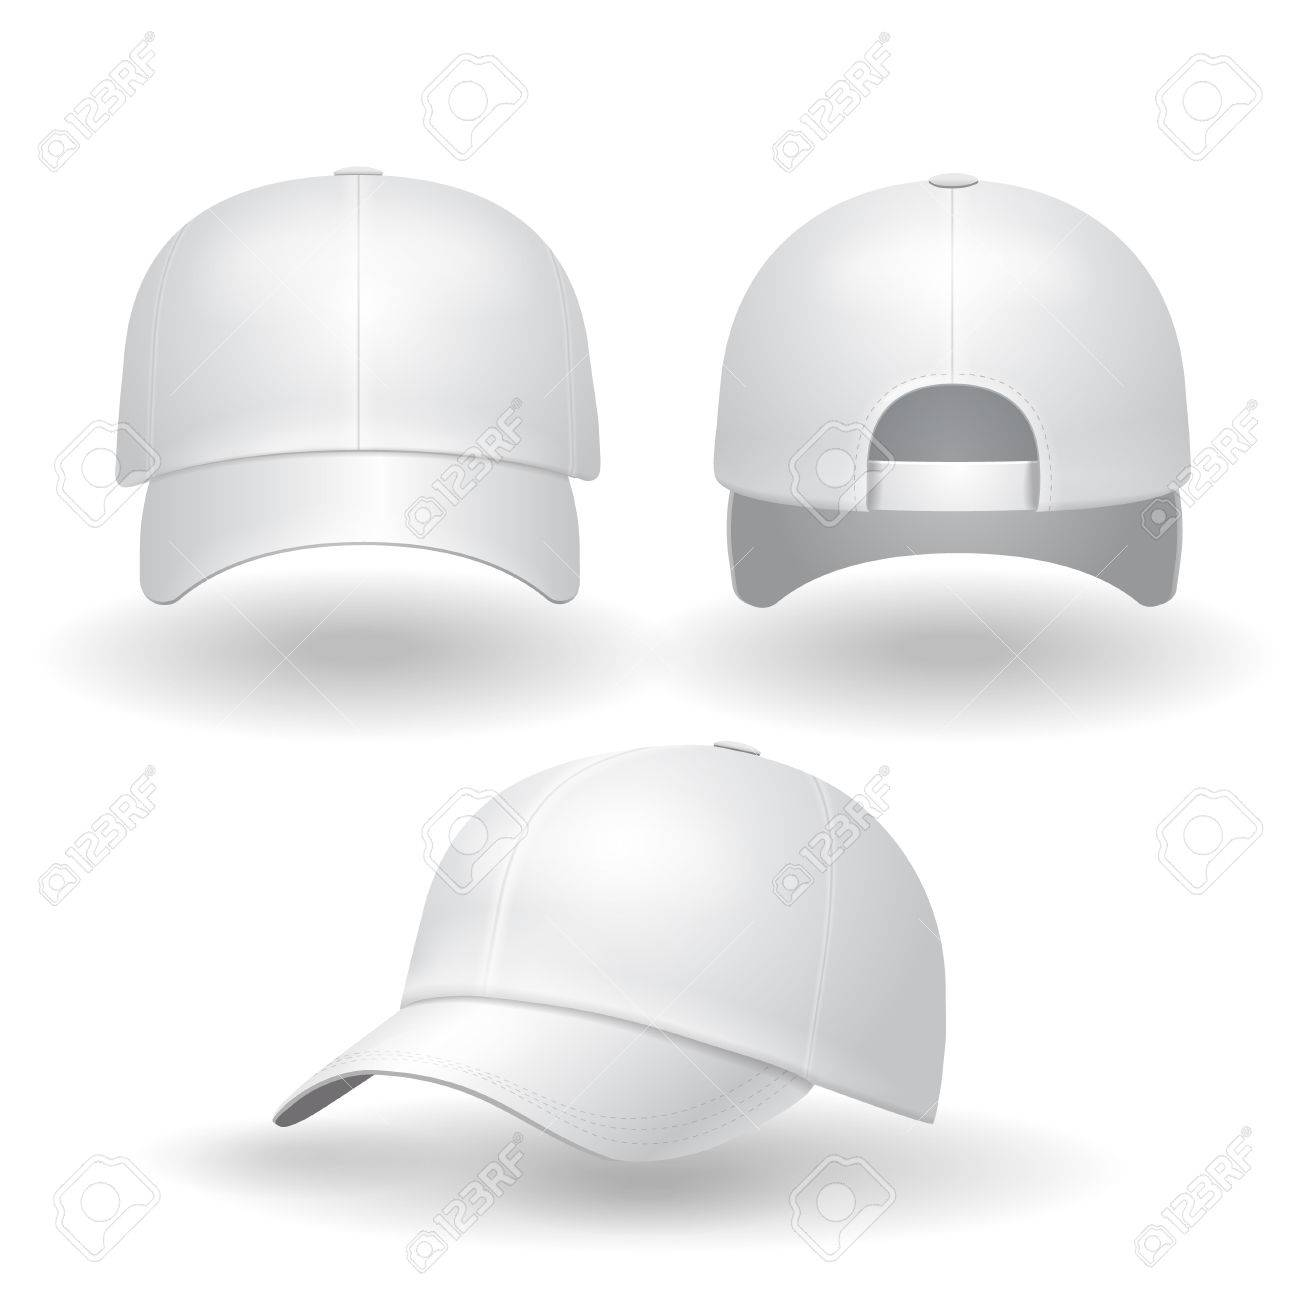 Establece la gorra de béisbol blanca realista. Volver vista frontal y  lateral aislada en el 9f1318da6e2